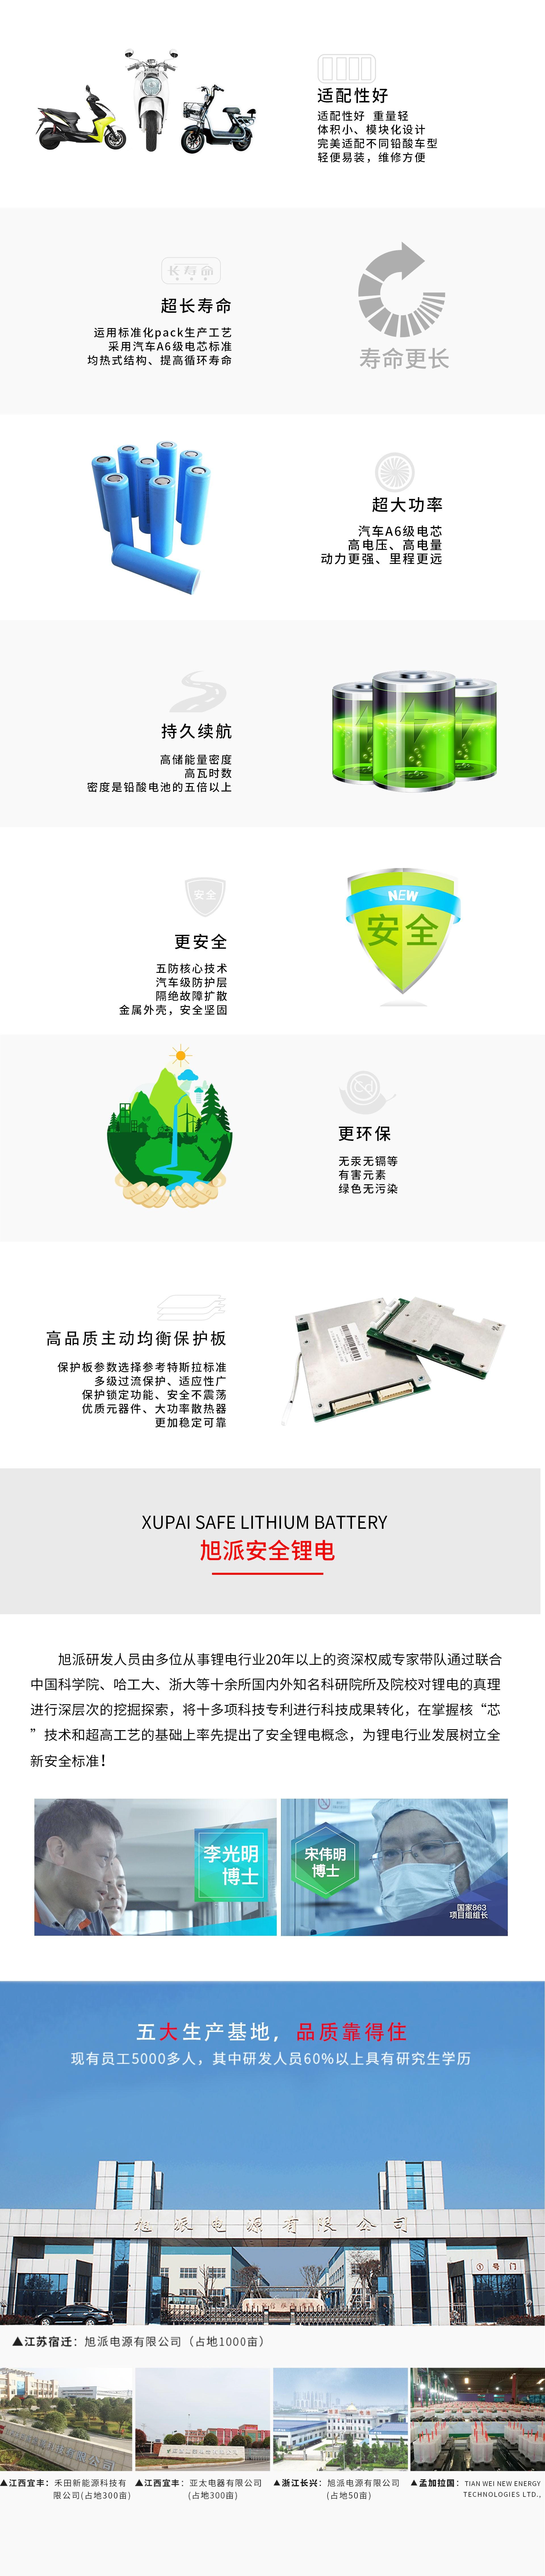 電動車電池|電動車電池價格|電動車電池代理加盟|電動車電池排行榜|旭派電池|旭派